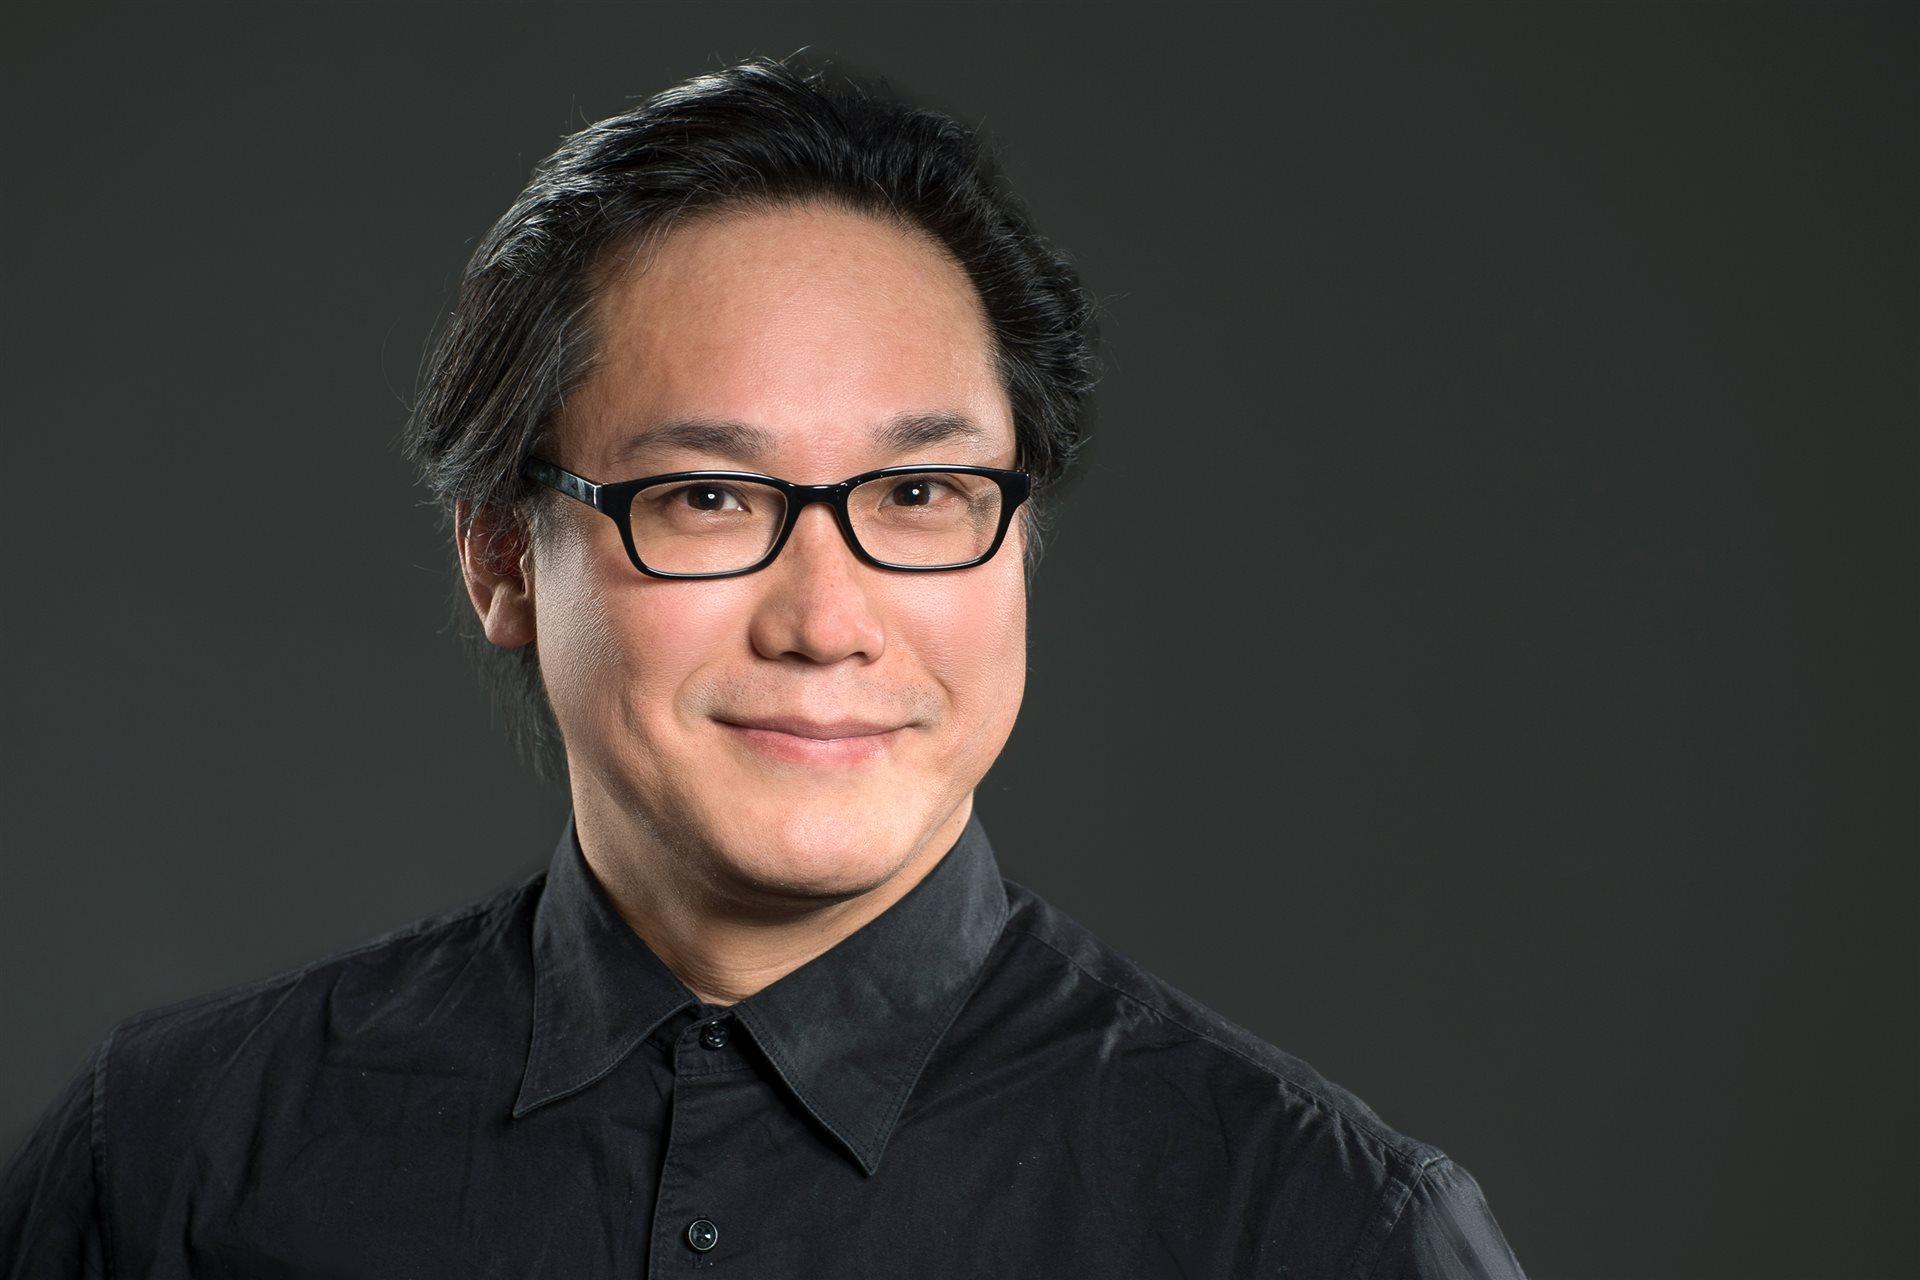 Jongsu Woo